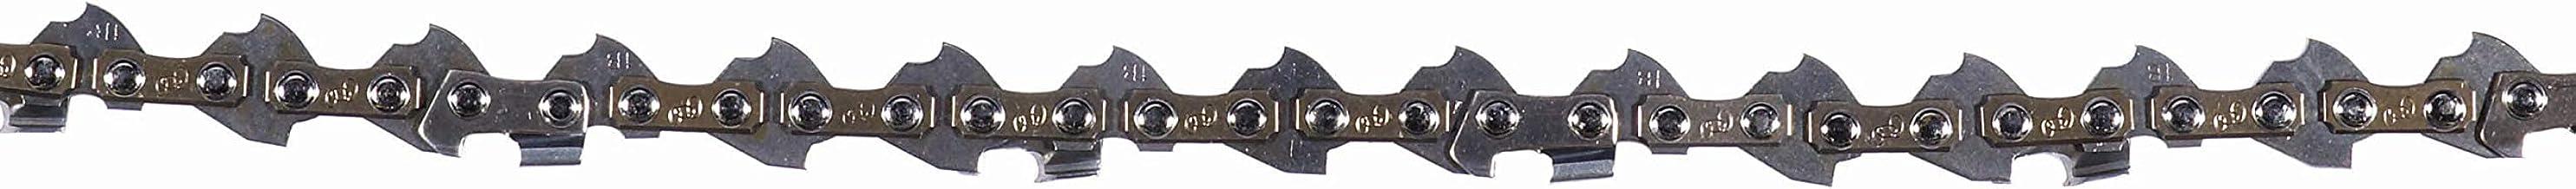 Cadena para motosierra gasolina BG-PC 3735 Einhell 4500171 35 cm